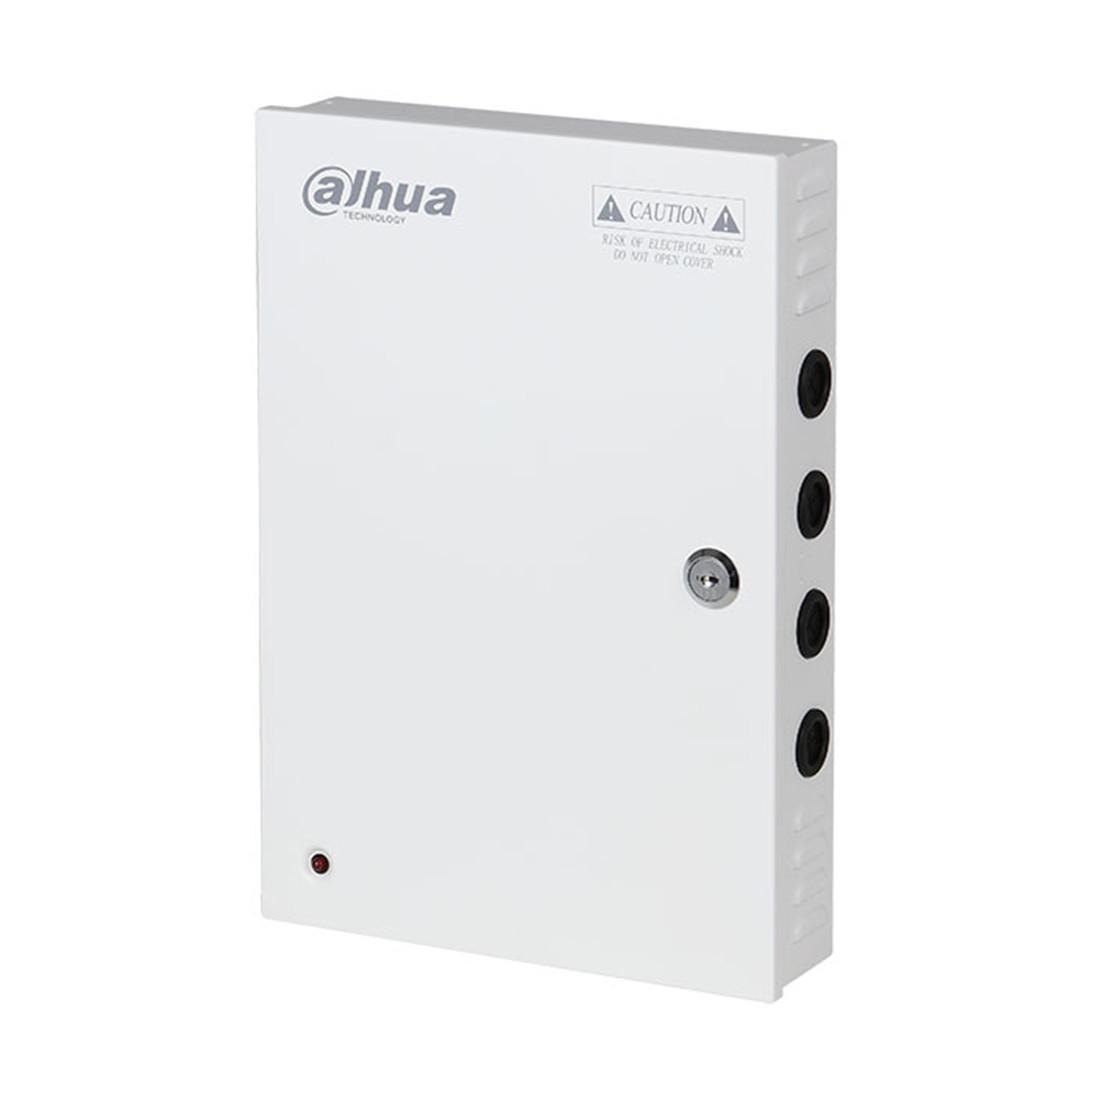 Dahua DH-PFM342-9CH Распределительная коробка для видеонаблюдения 9 каналов 12VDC распределения электропитания